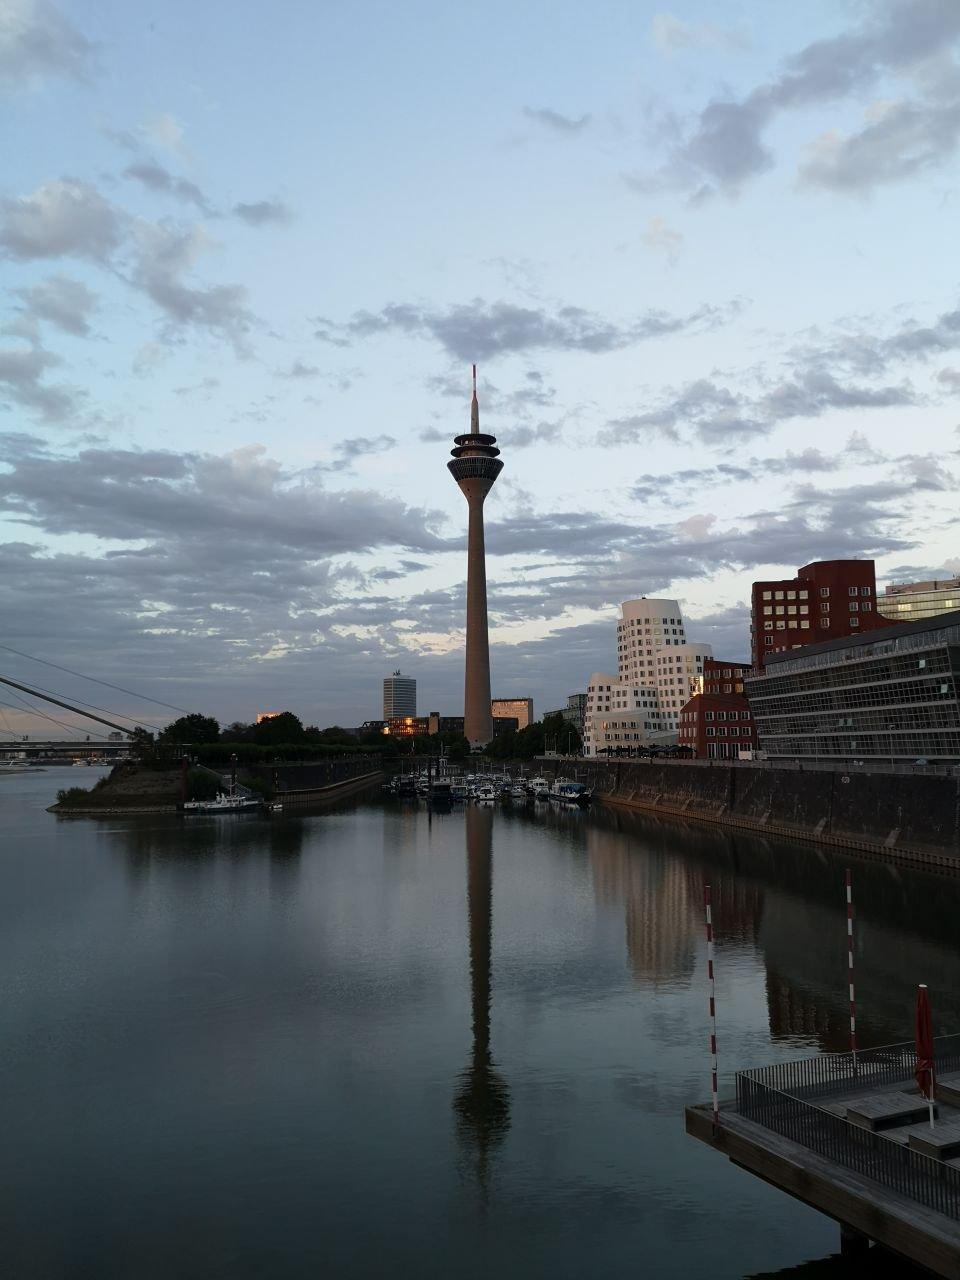 Traveldiary: Lets go to ̶l̶̶u̶̶x̶̶e̶̶m̶̶b̶̶u̶̶r̶̶g Germany | 26.07.2020